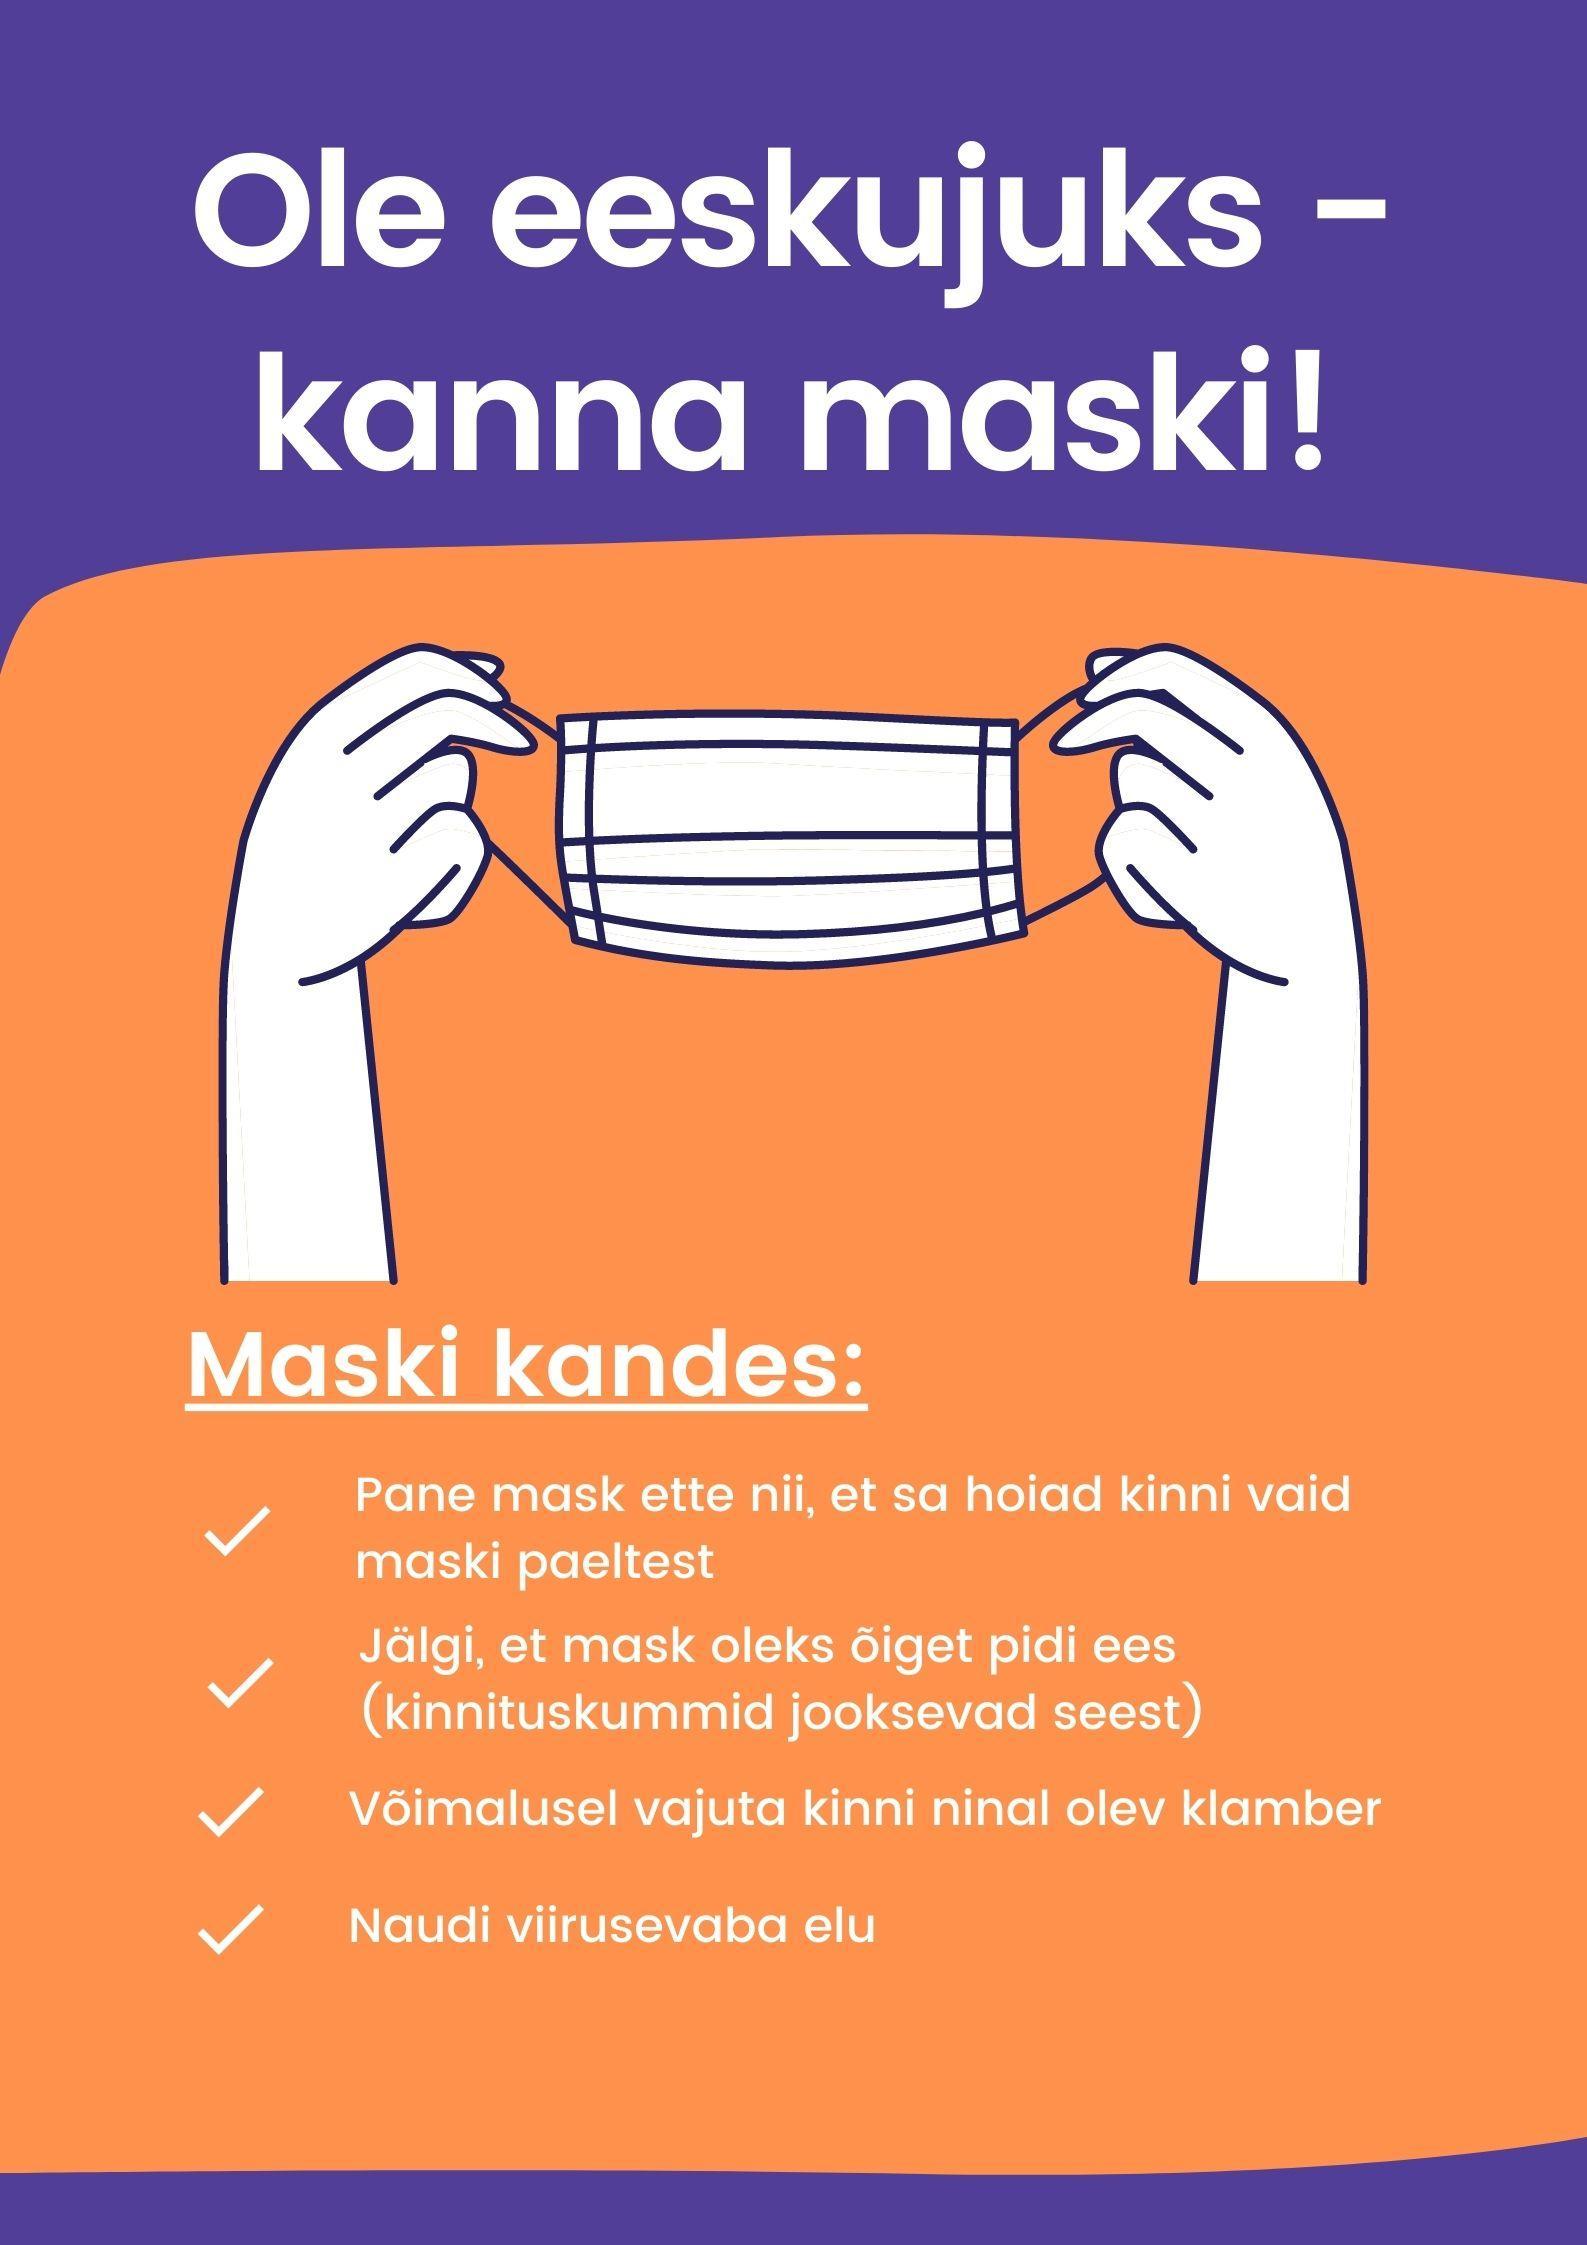 kanna maski